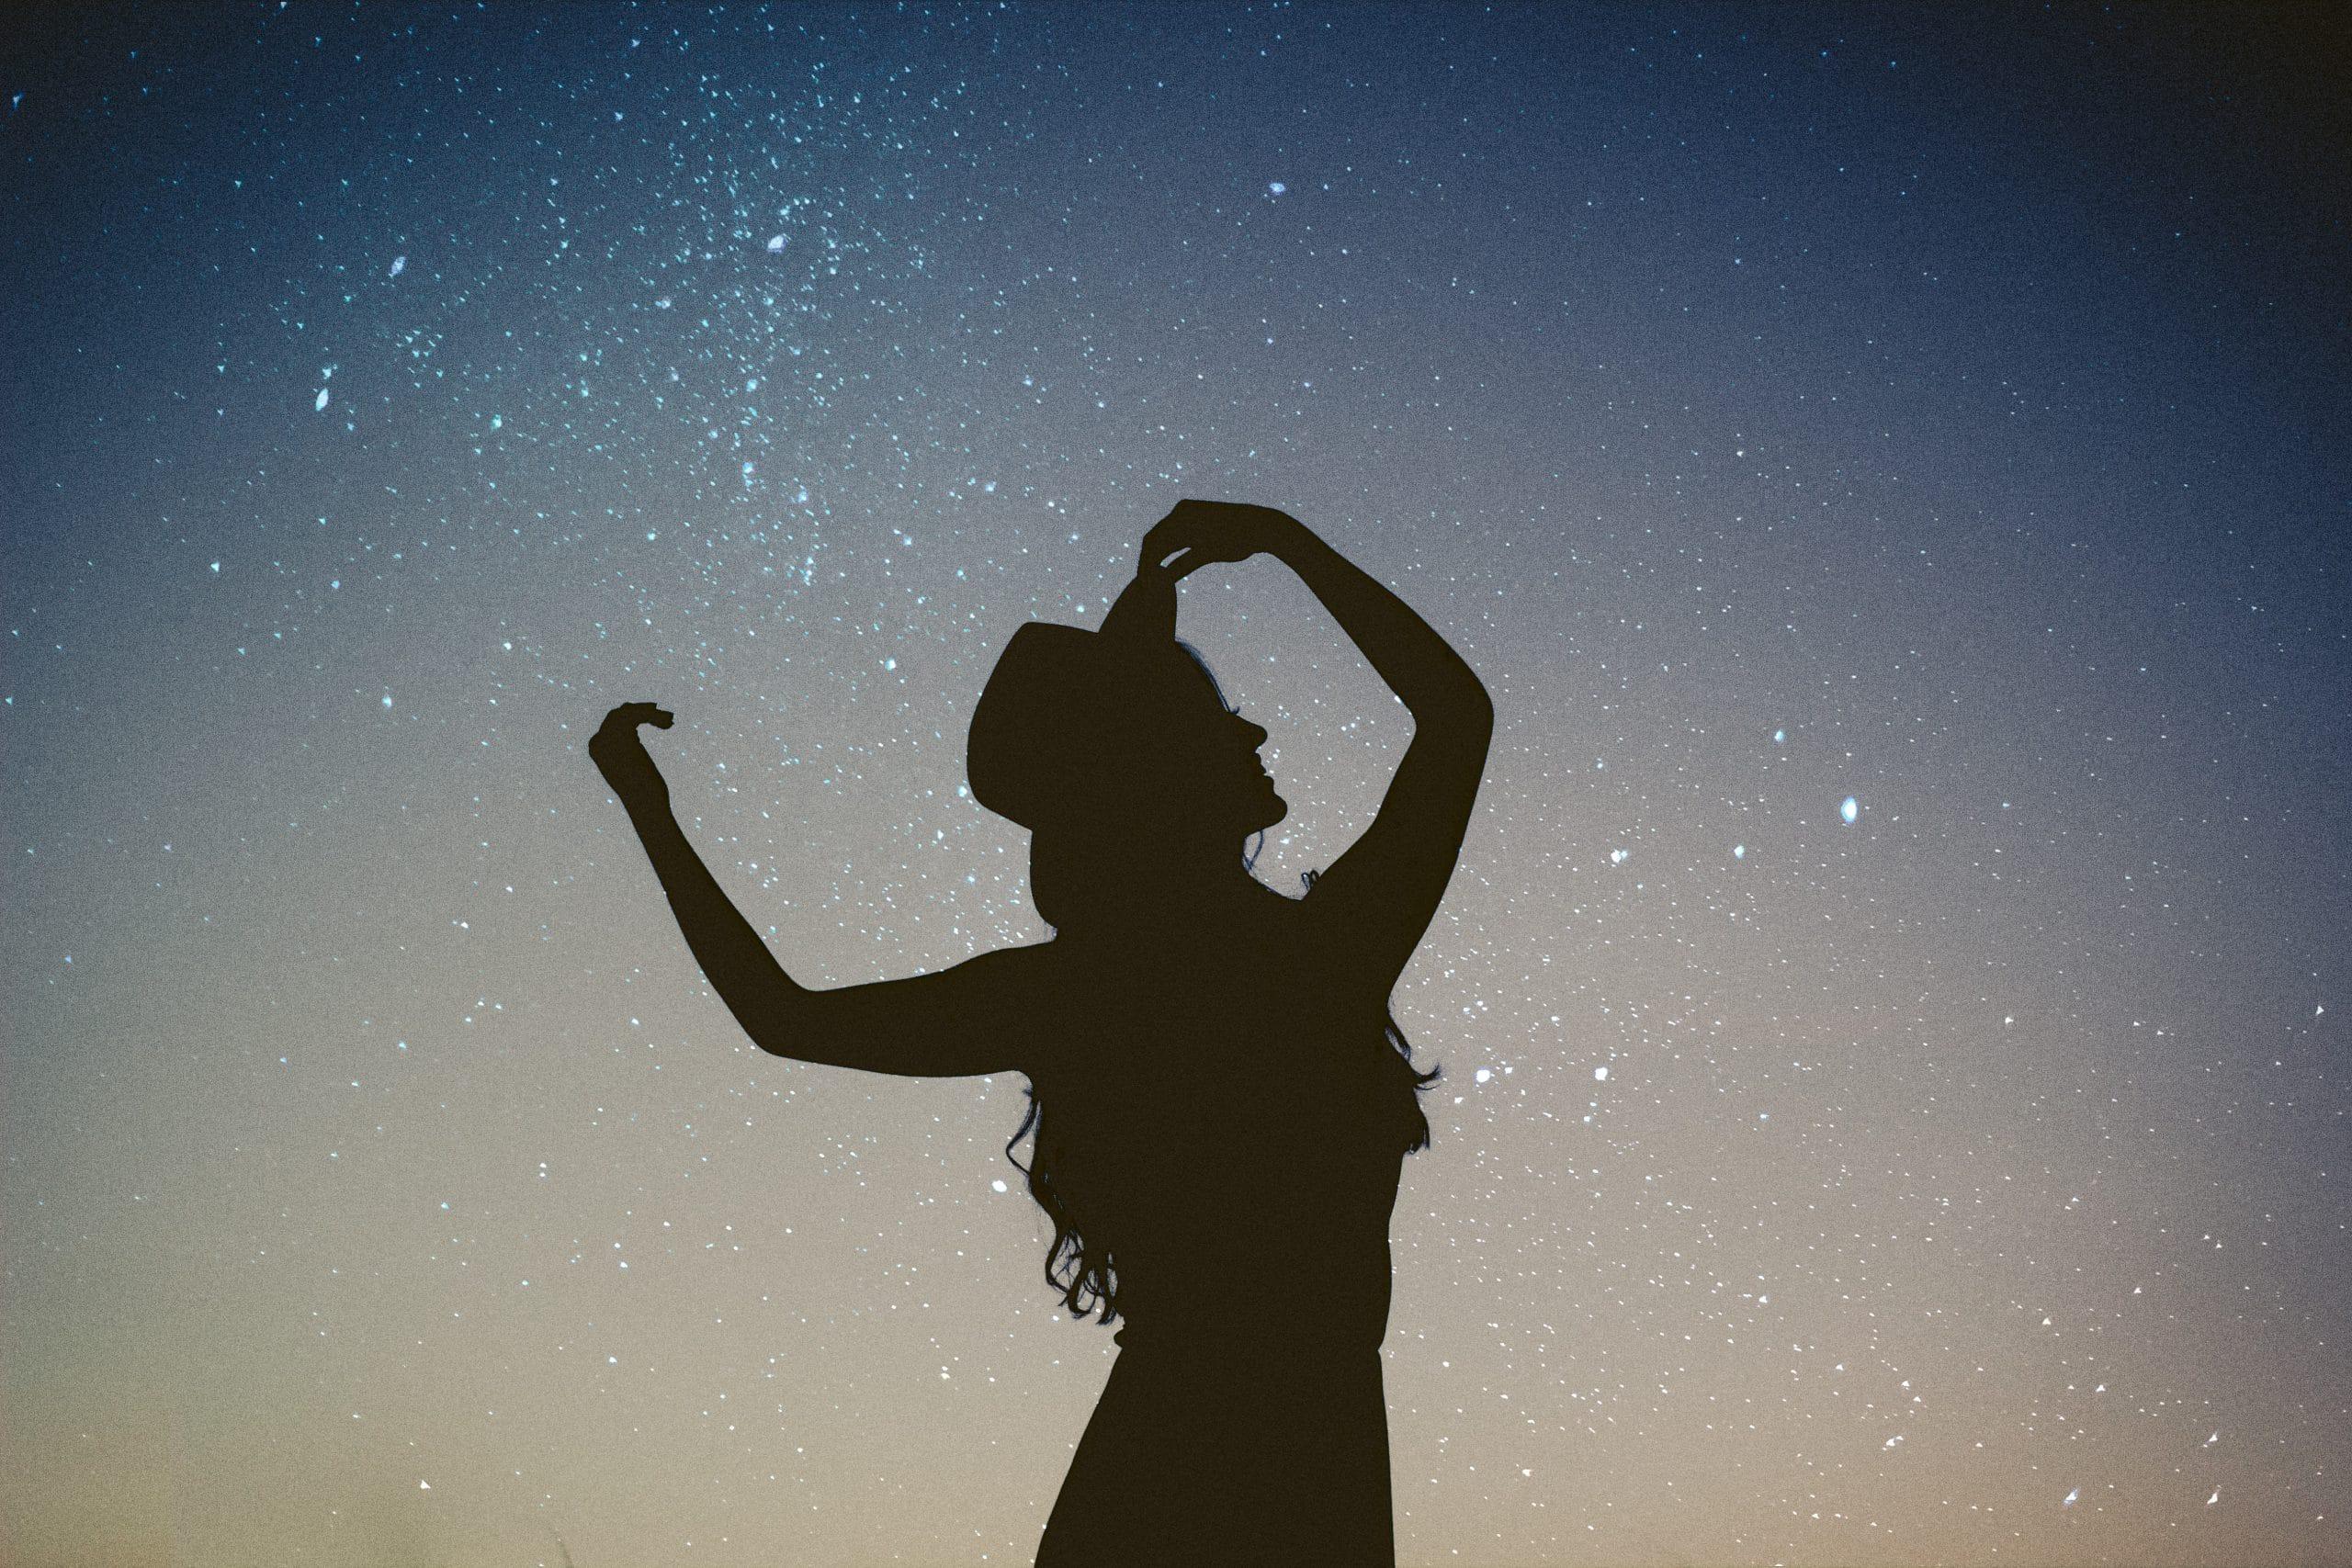 vrouw sterrenhemel